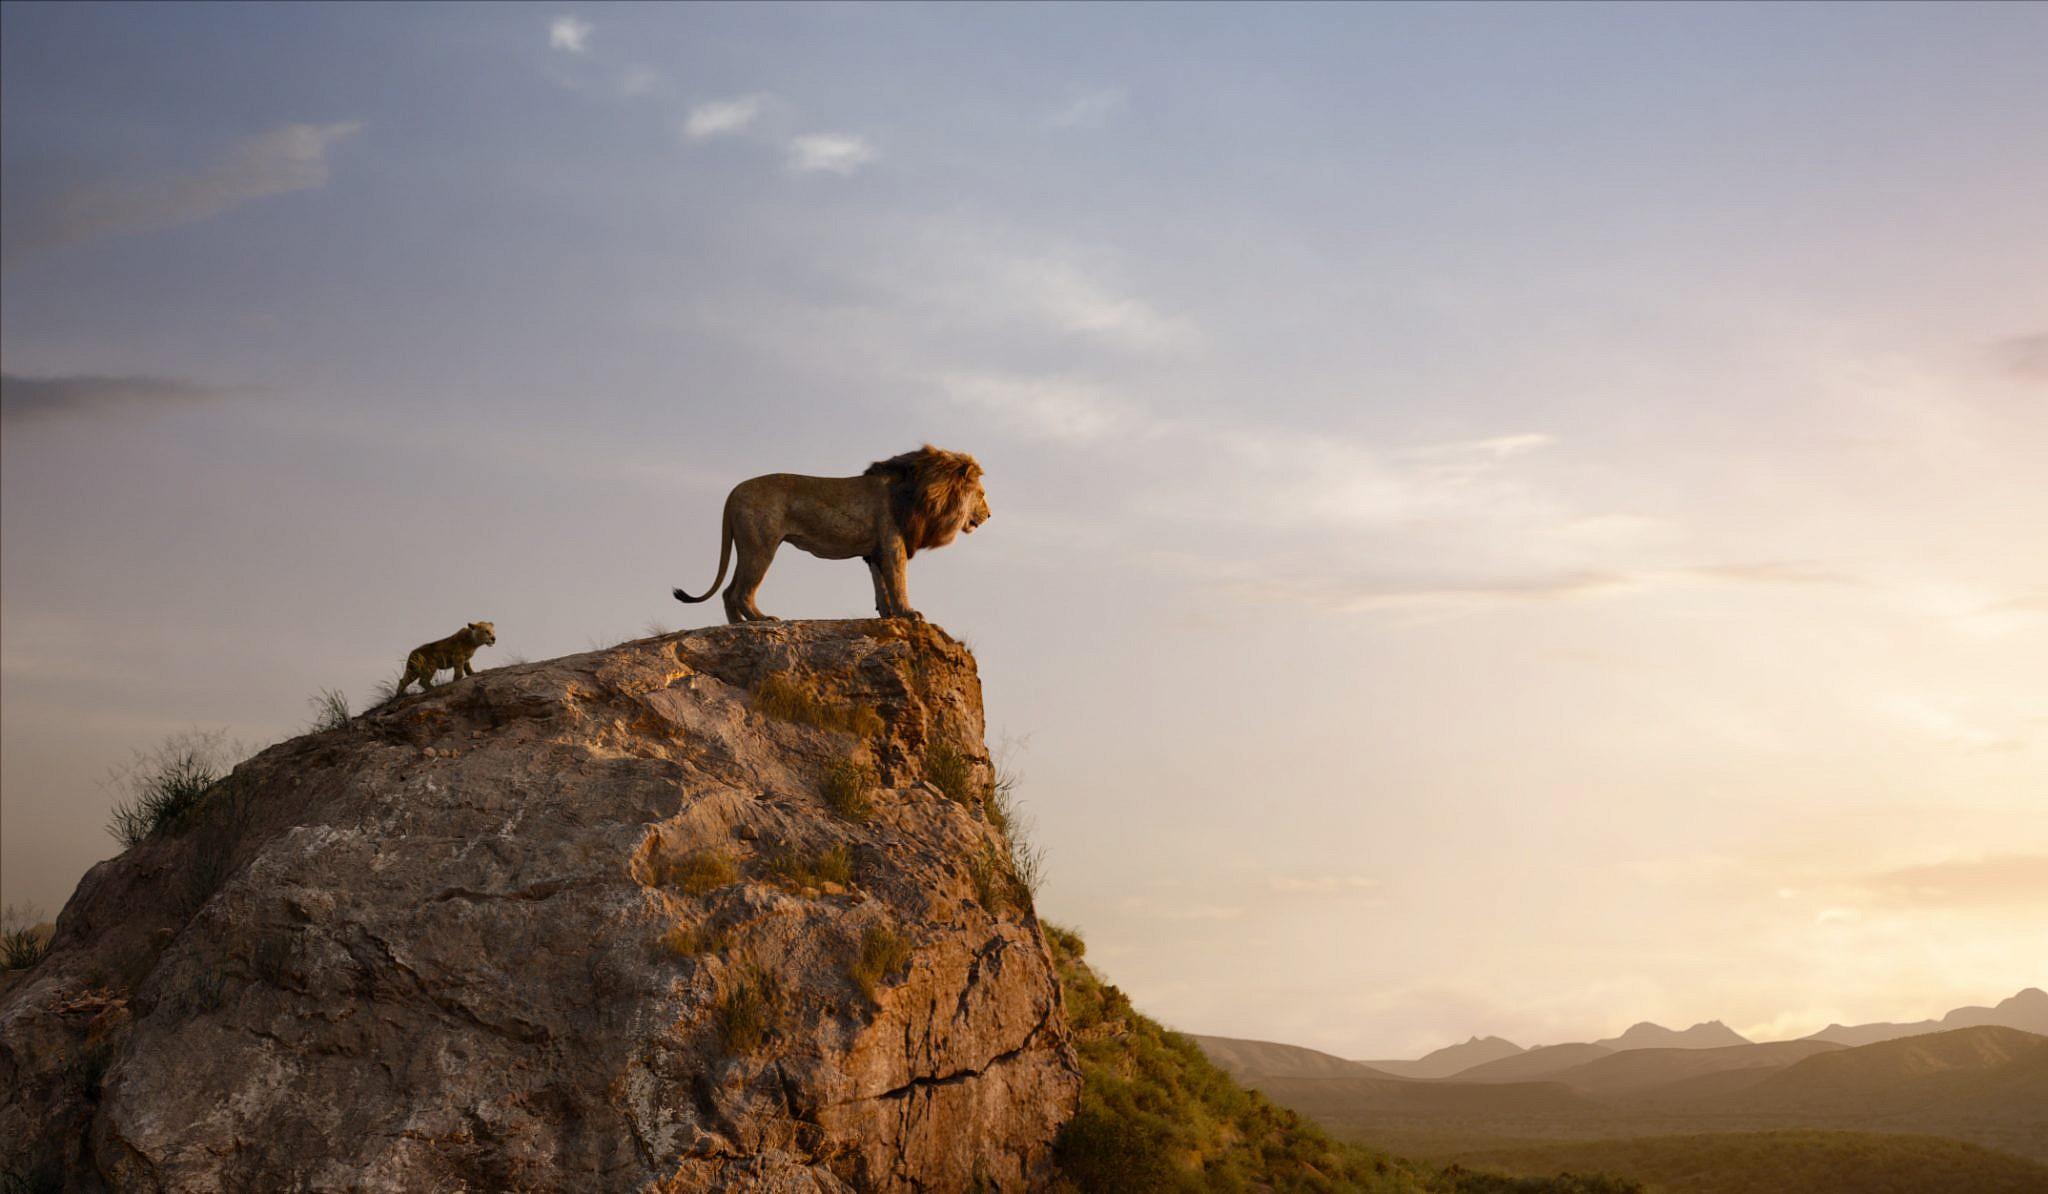 מלך האריות | צילום באדיבות דיסני ישראל ופורום פילם